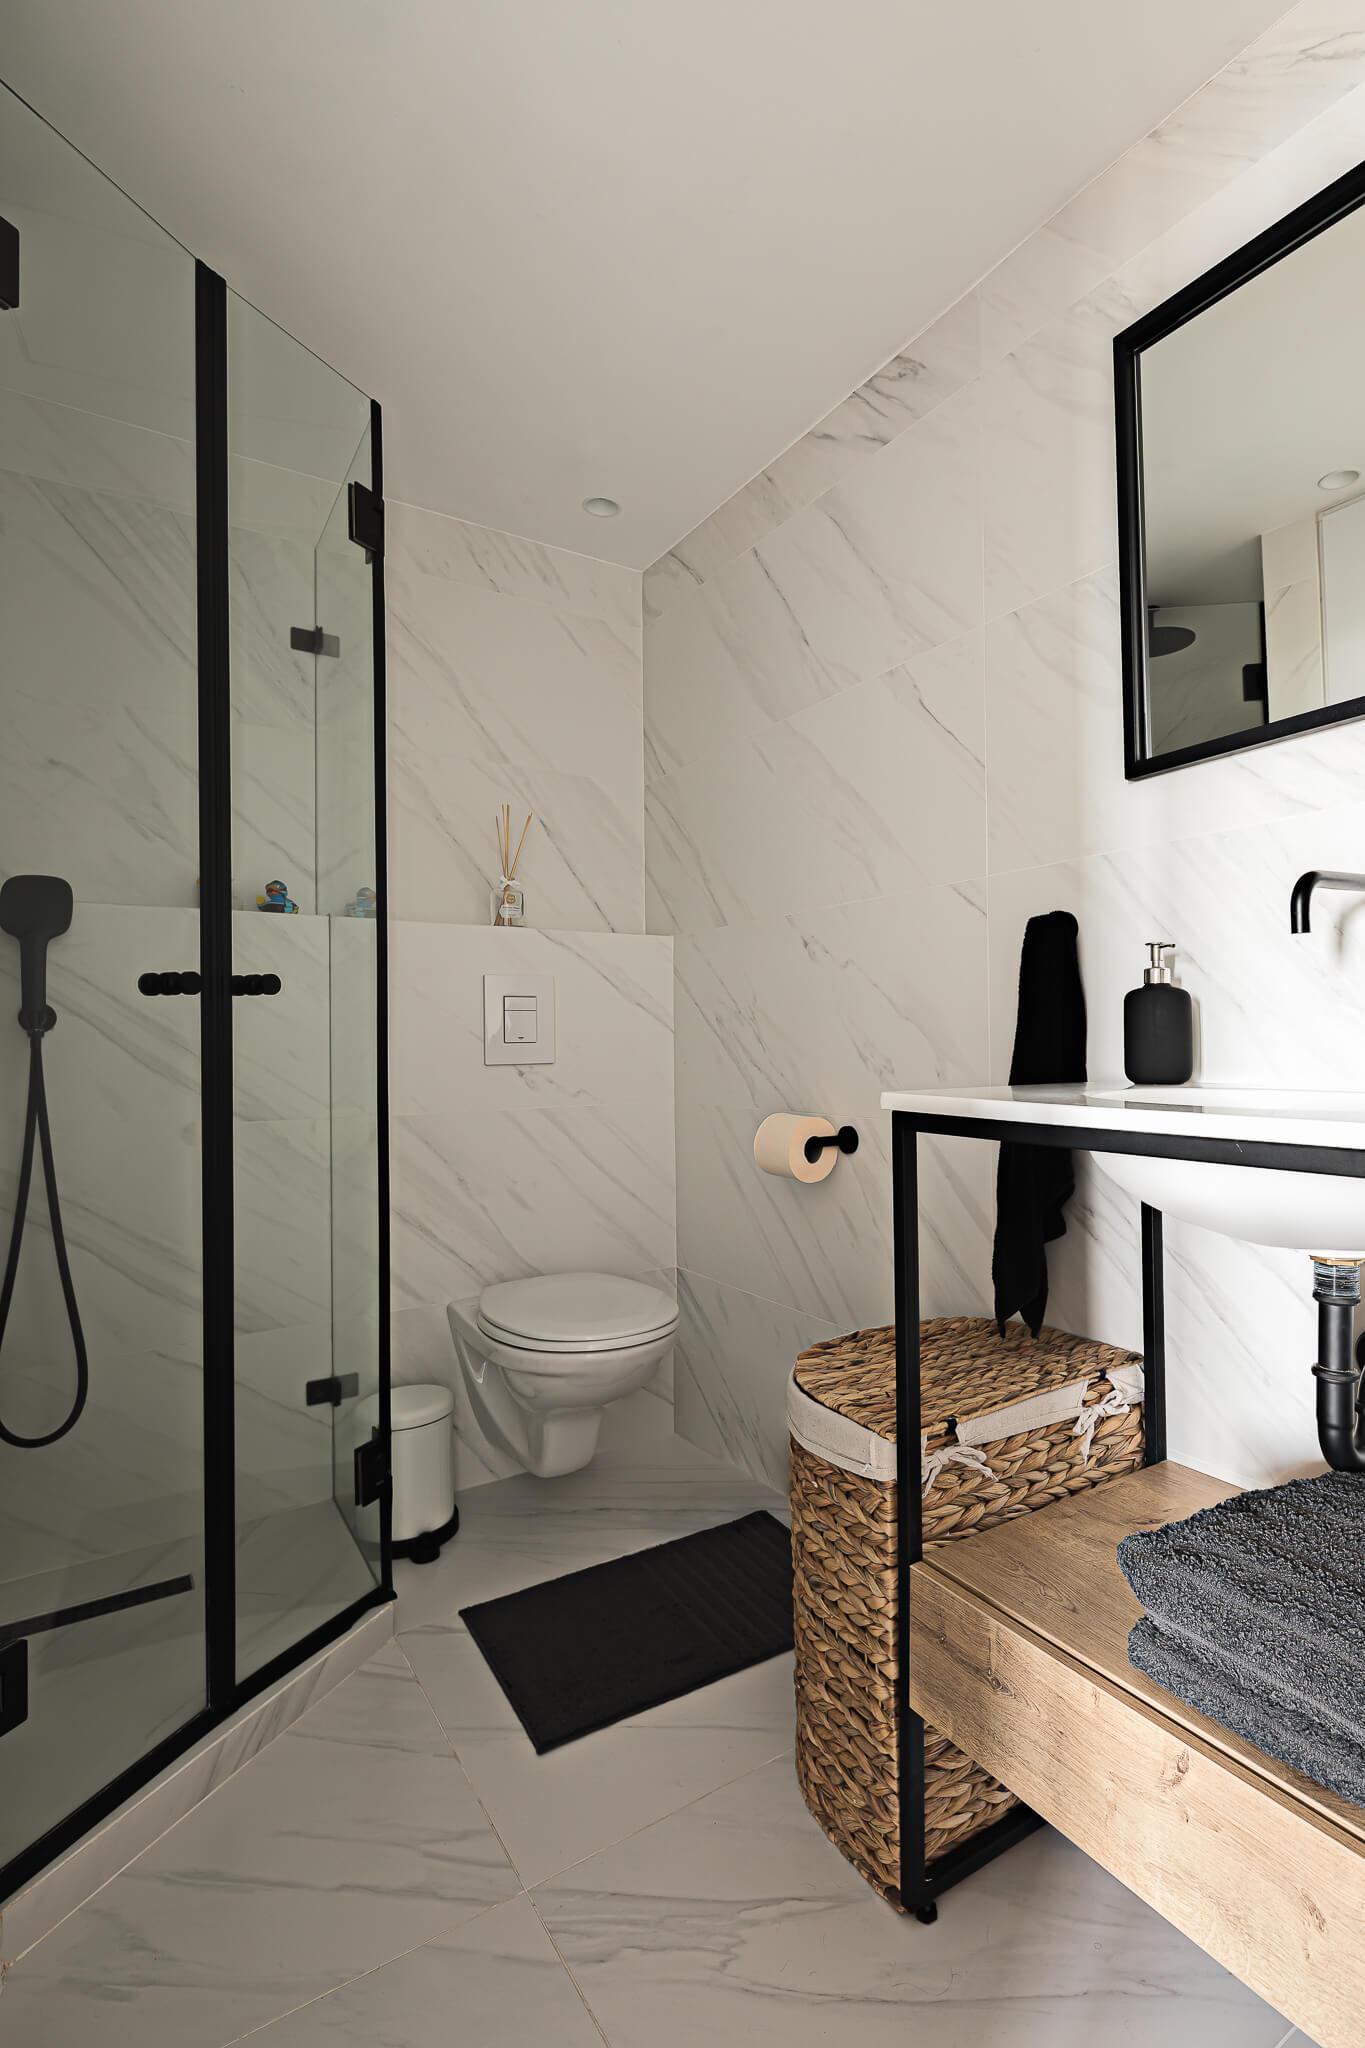 מקלחת ושירותים בדיזנגוף